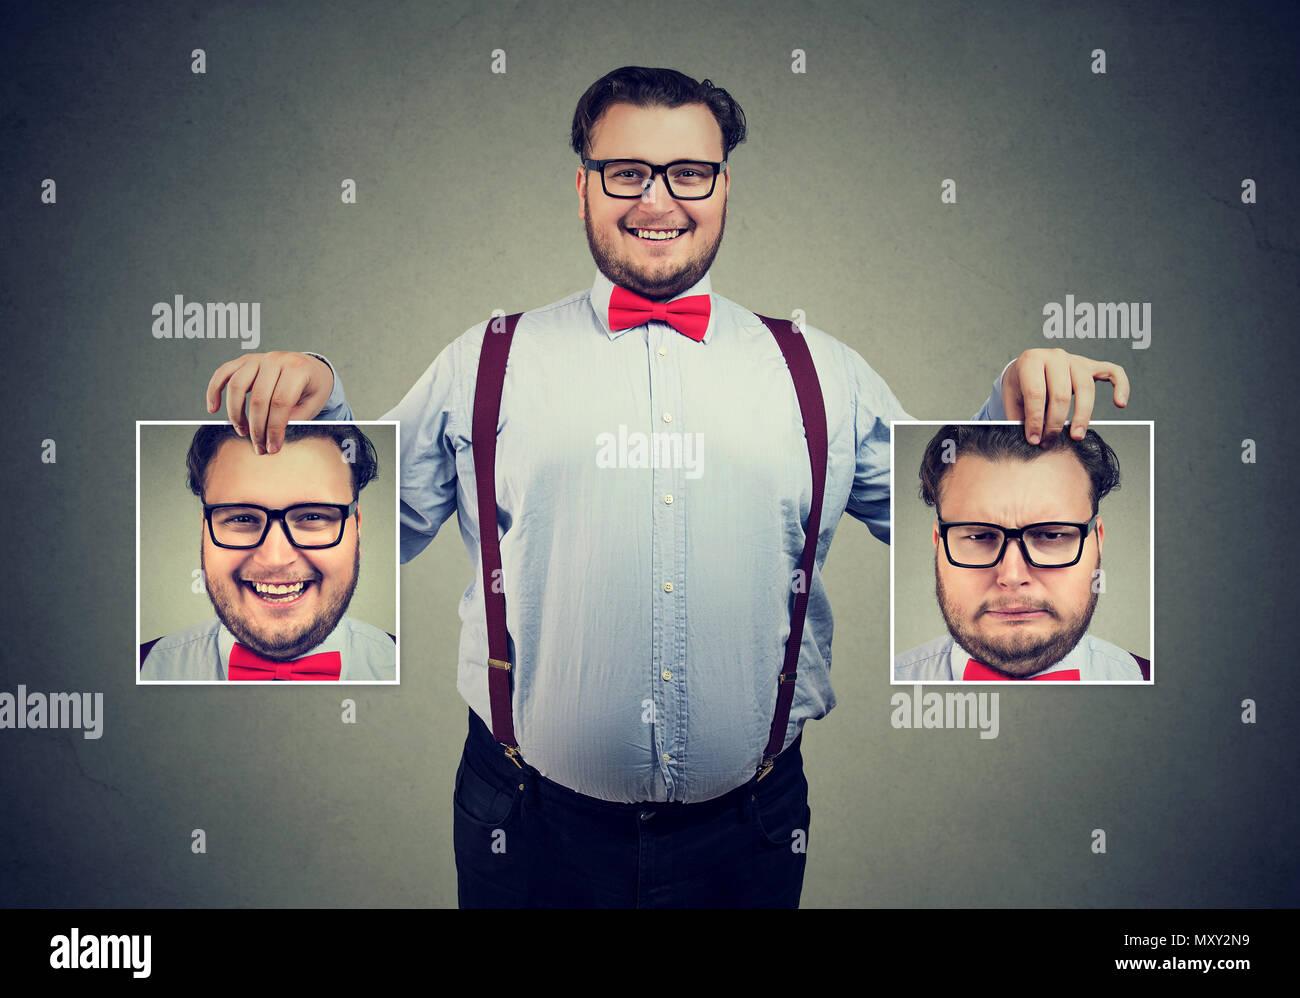 Joven Hombre alegre celebración en vasos de fotografías con buenas y malas emociones tener cambios de humor y sonriendo a la cámara Imagen De Stock